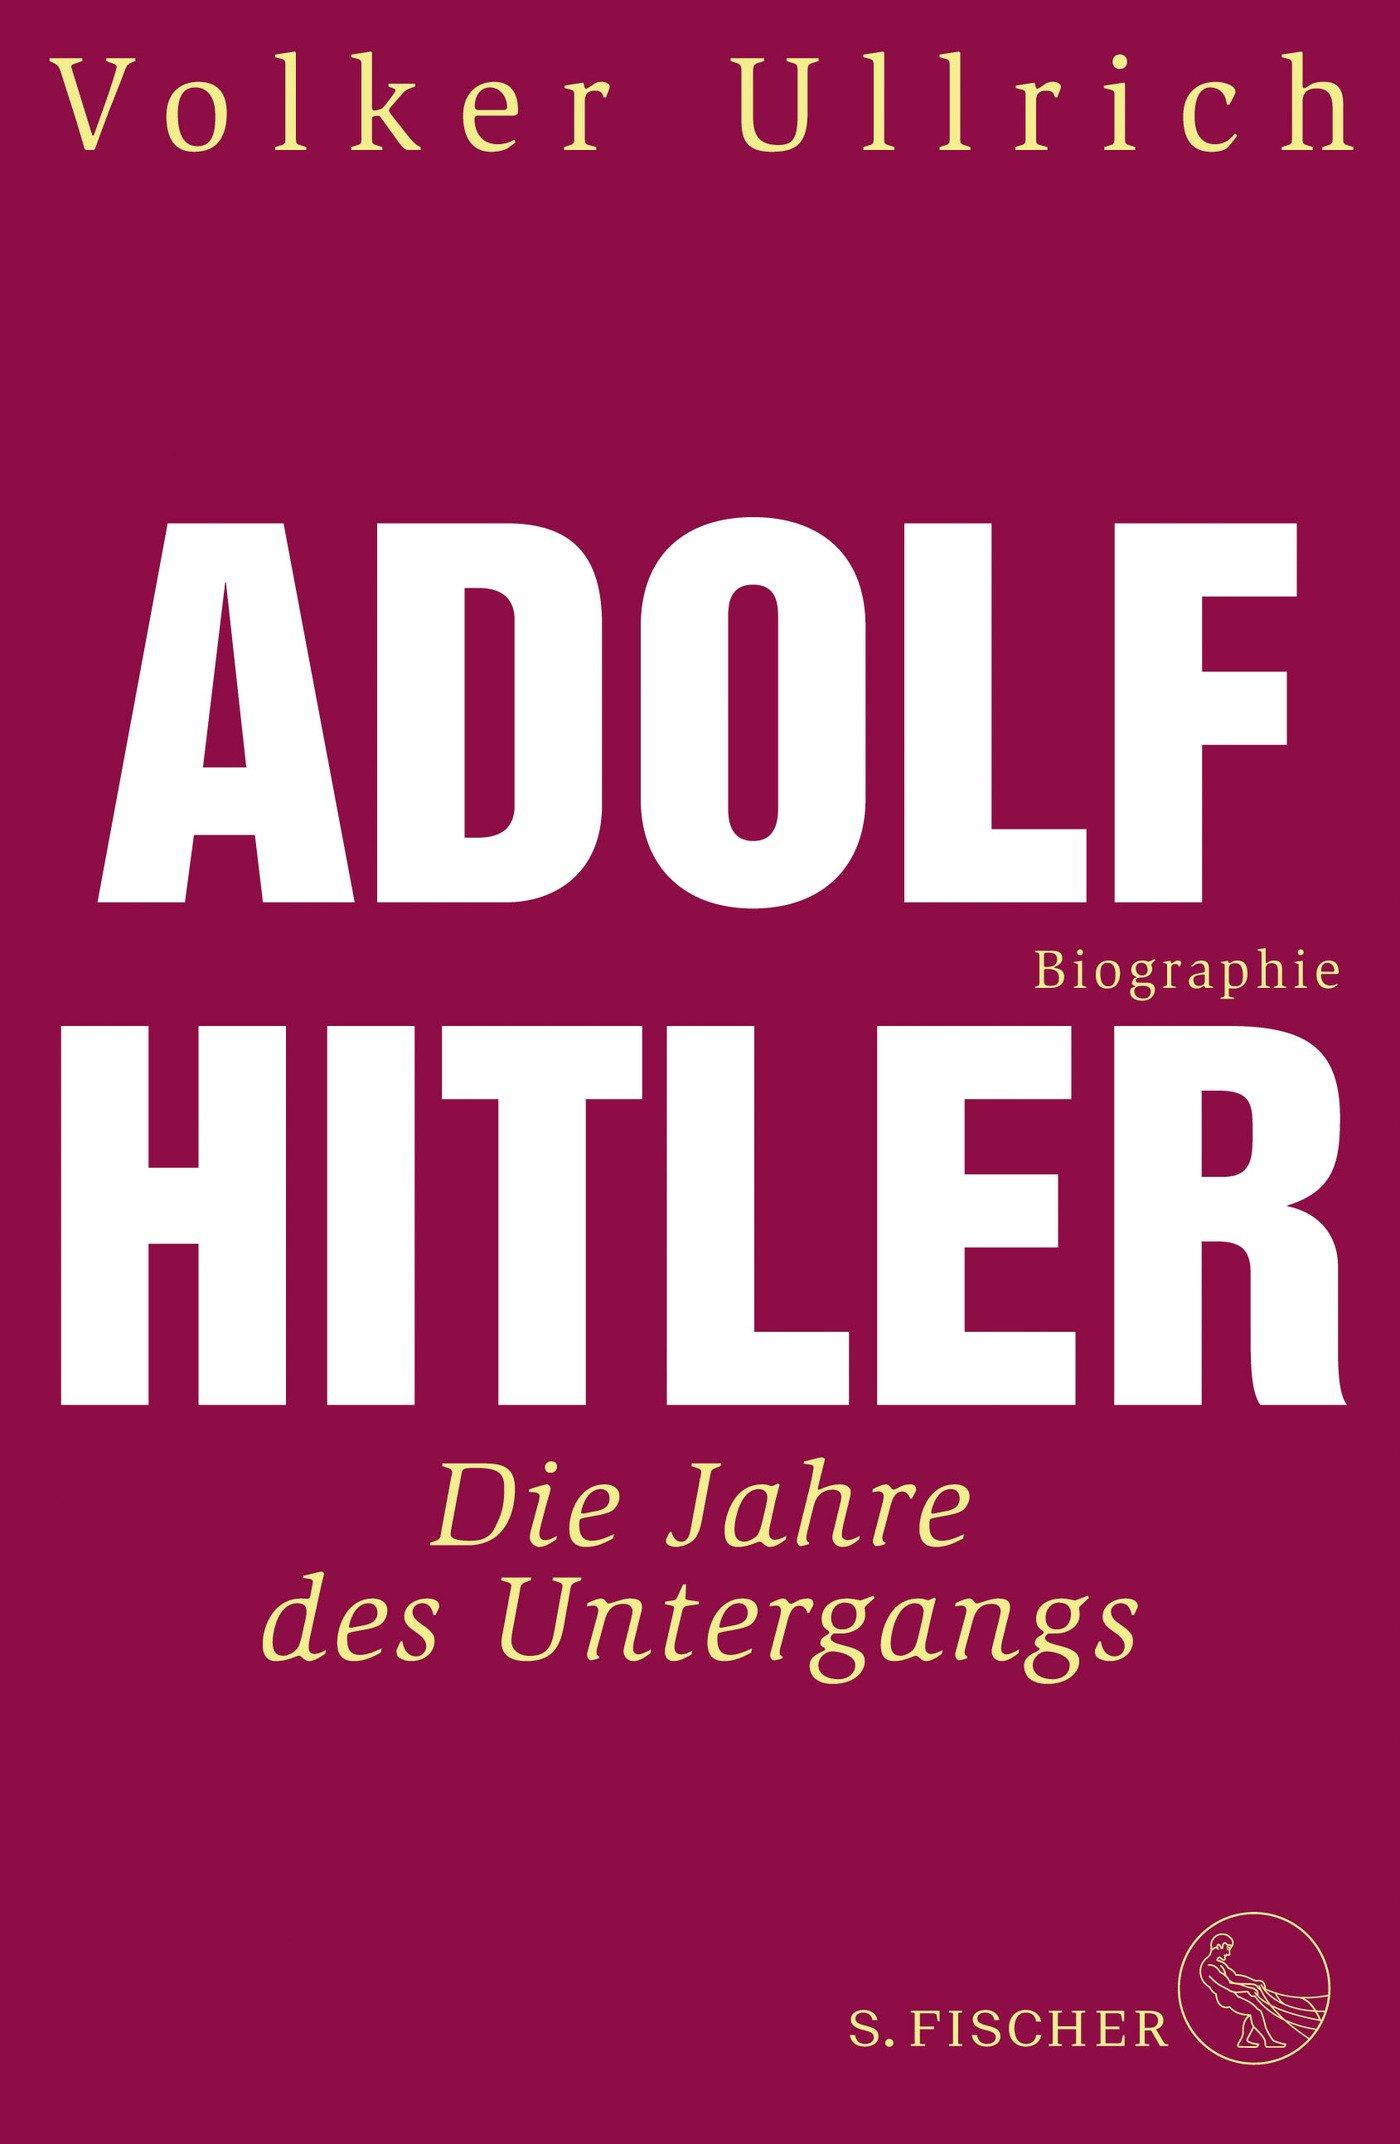 Adolf Hitler: Die Jahre des Untergangs 1939-1945 Biographie (Adolf Hitler. Biographie) Gebundenes Buch – 4. Oktober 2018 Volker Ullrich S. FISCHER 3103972806 Geschichte / 20. Jahrhundert